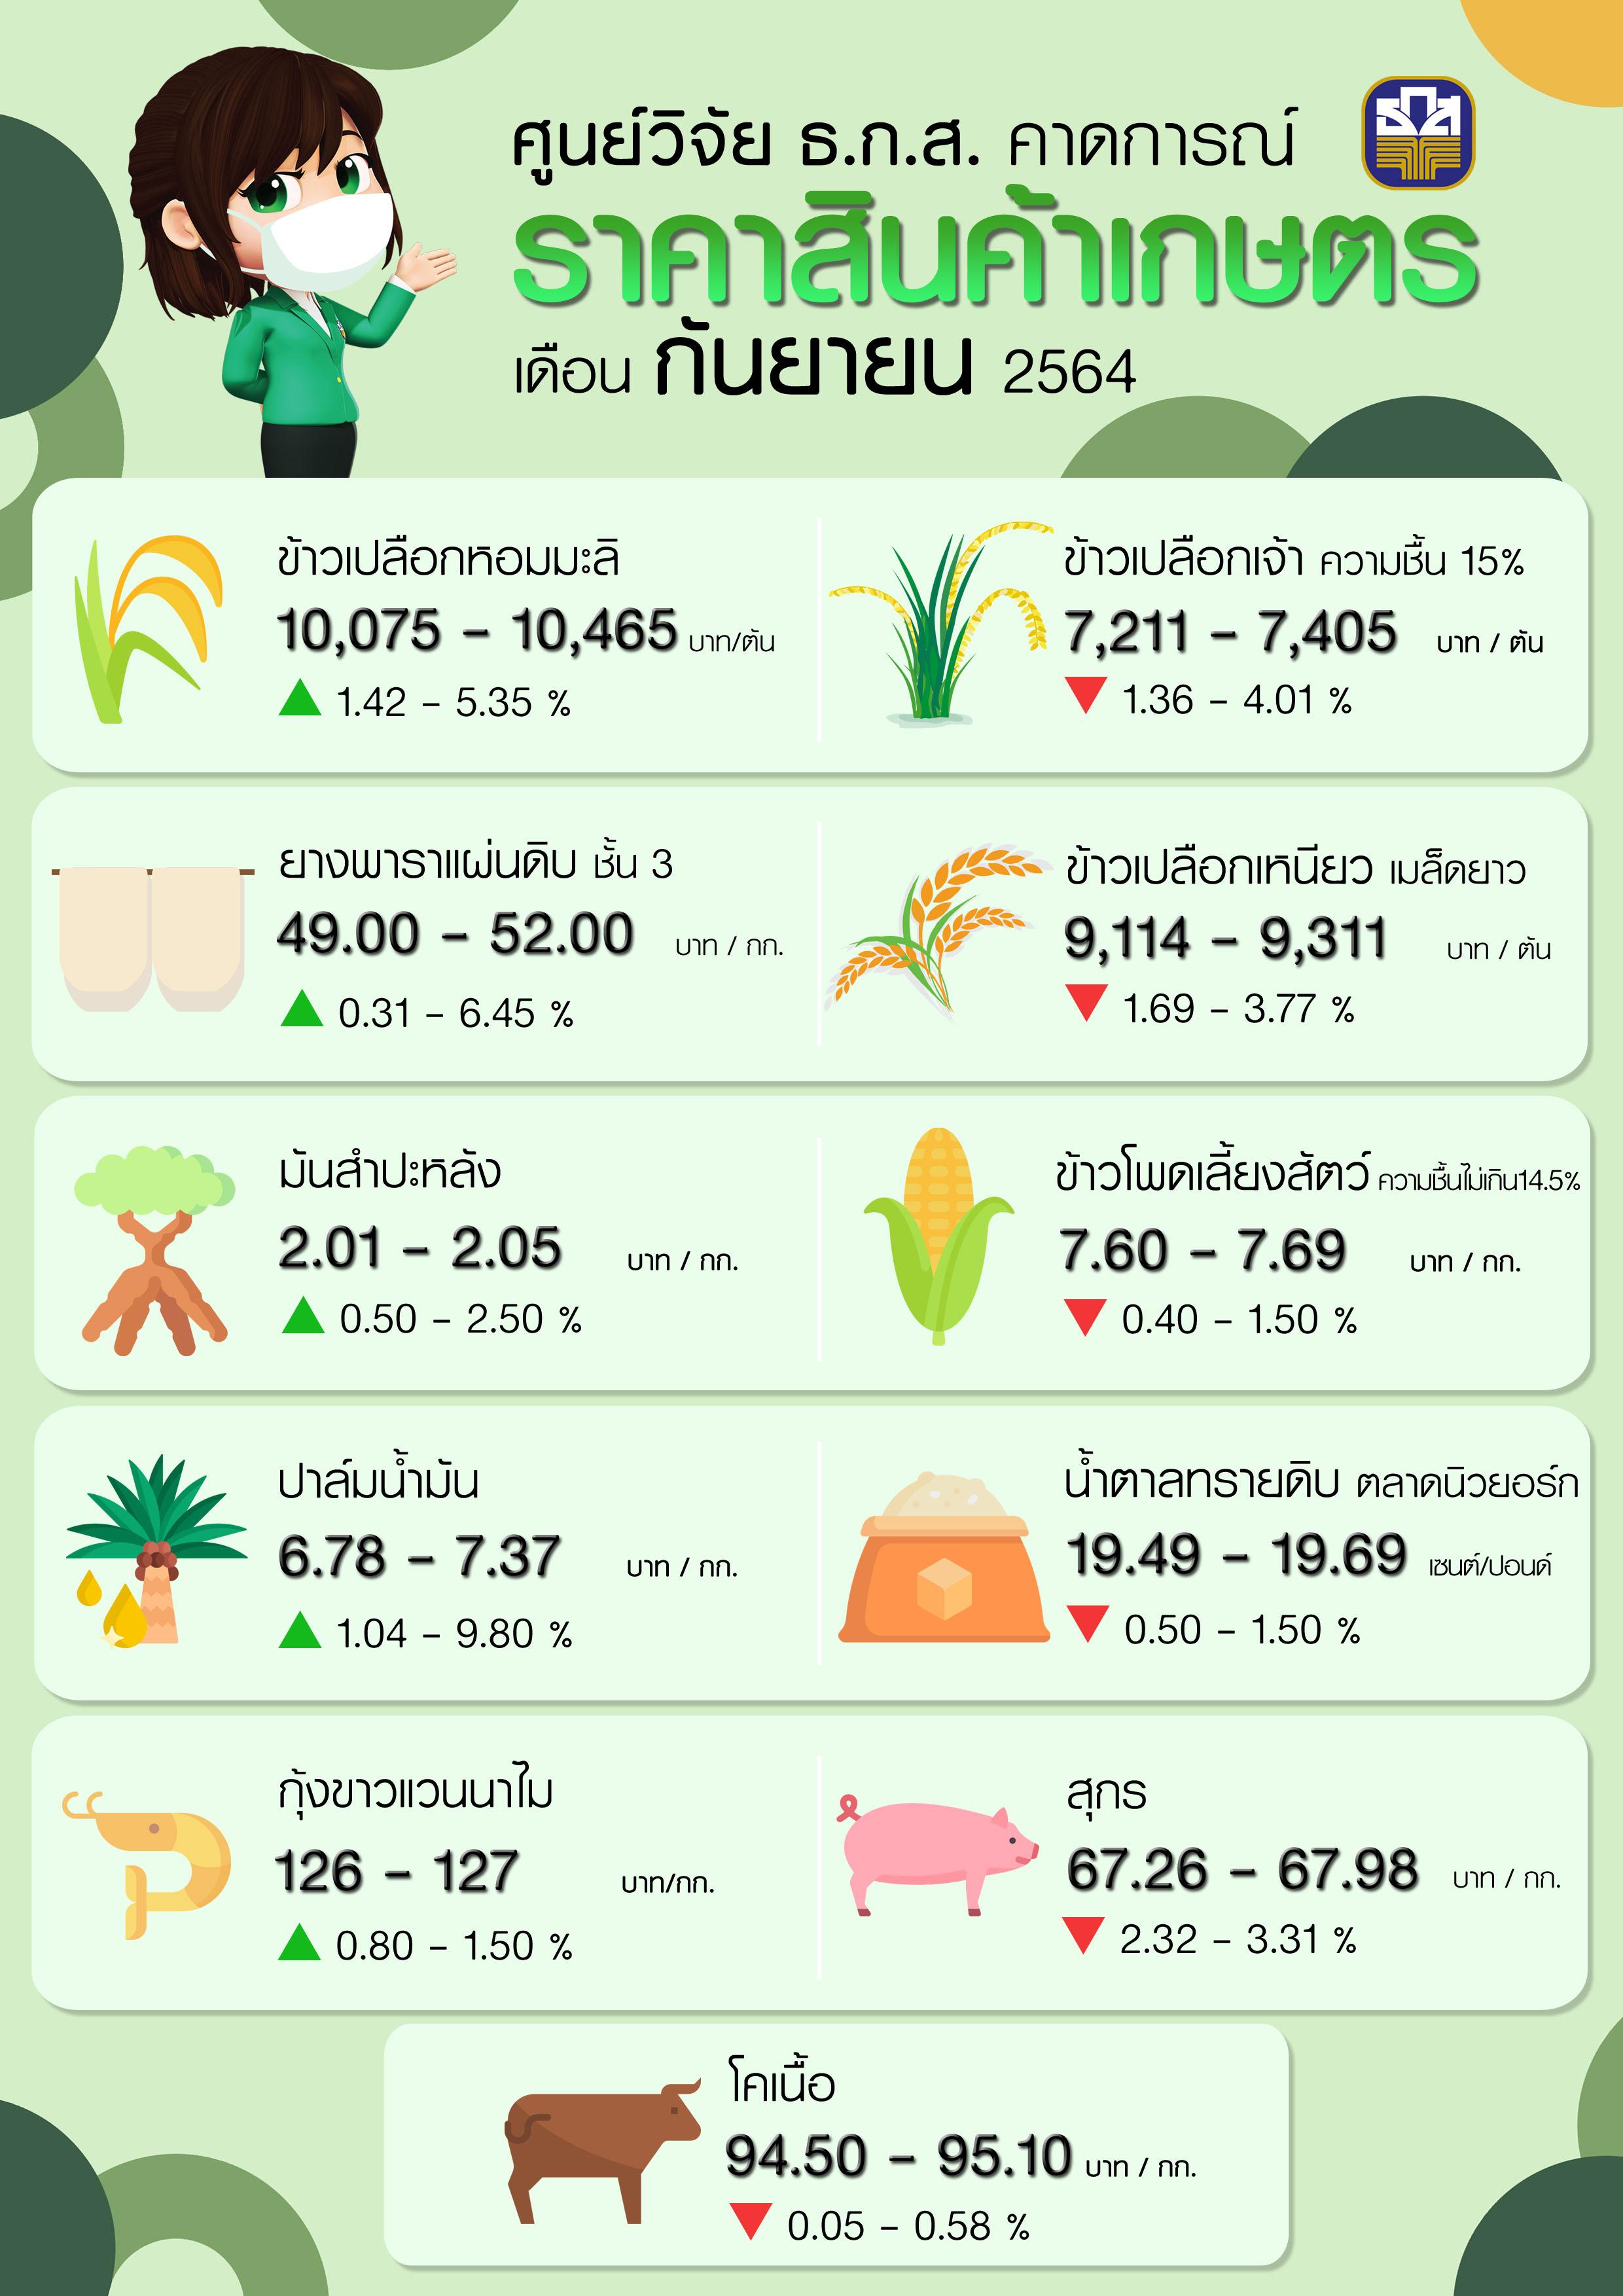 ศูนย์วิจัย ธ.ก.ส. คาดการณ์ราคาสินค้าเกษตรเดือนกันยายน 2564